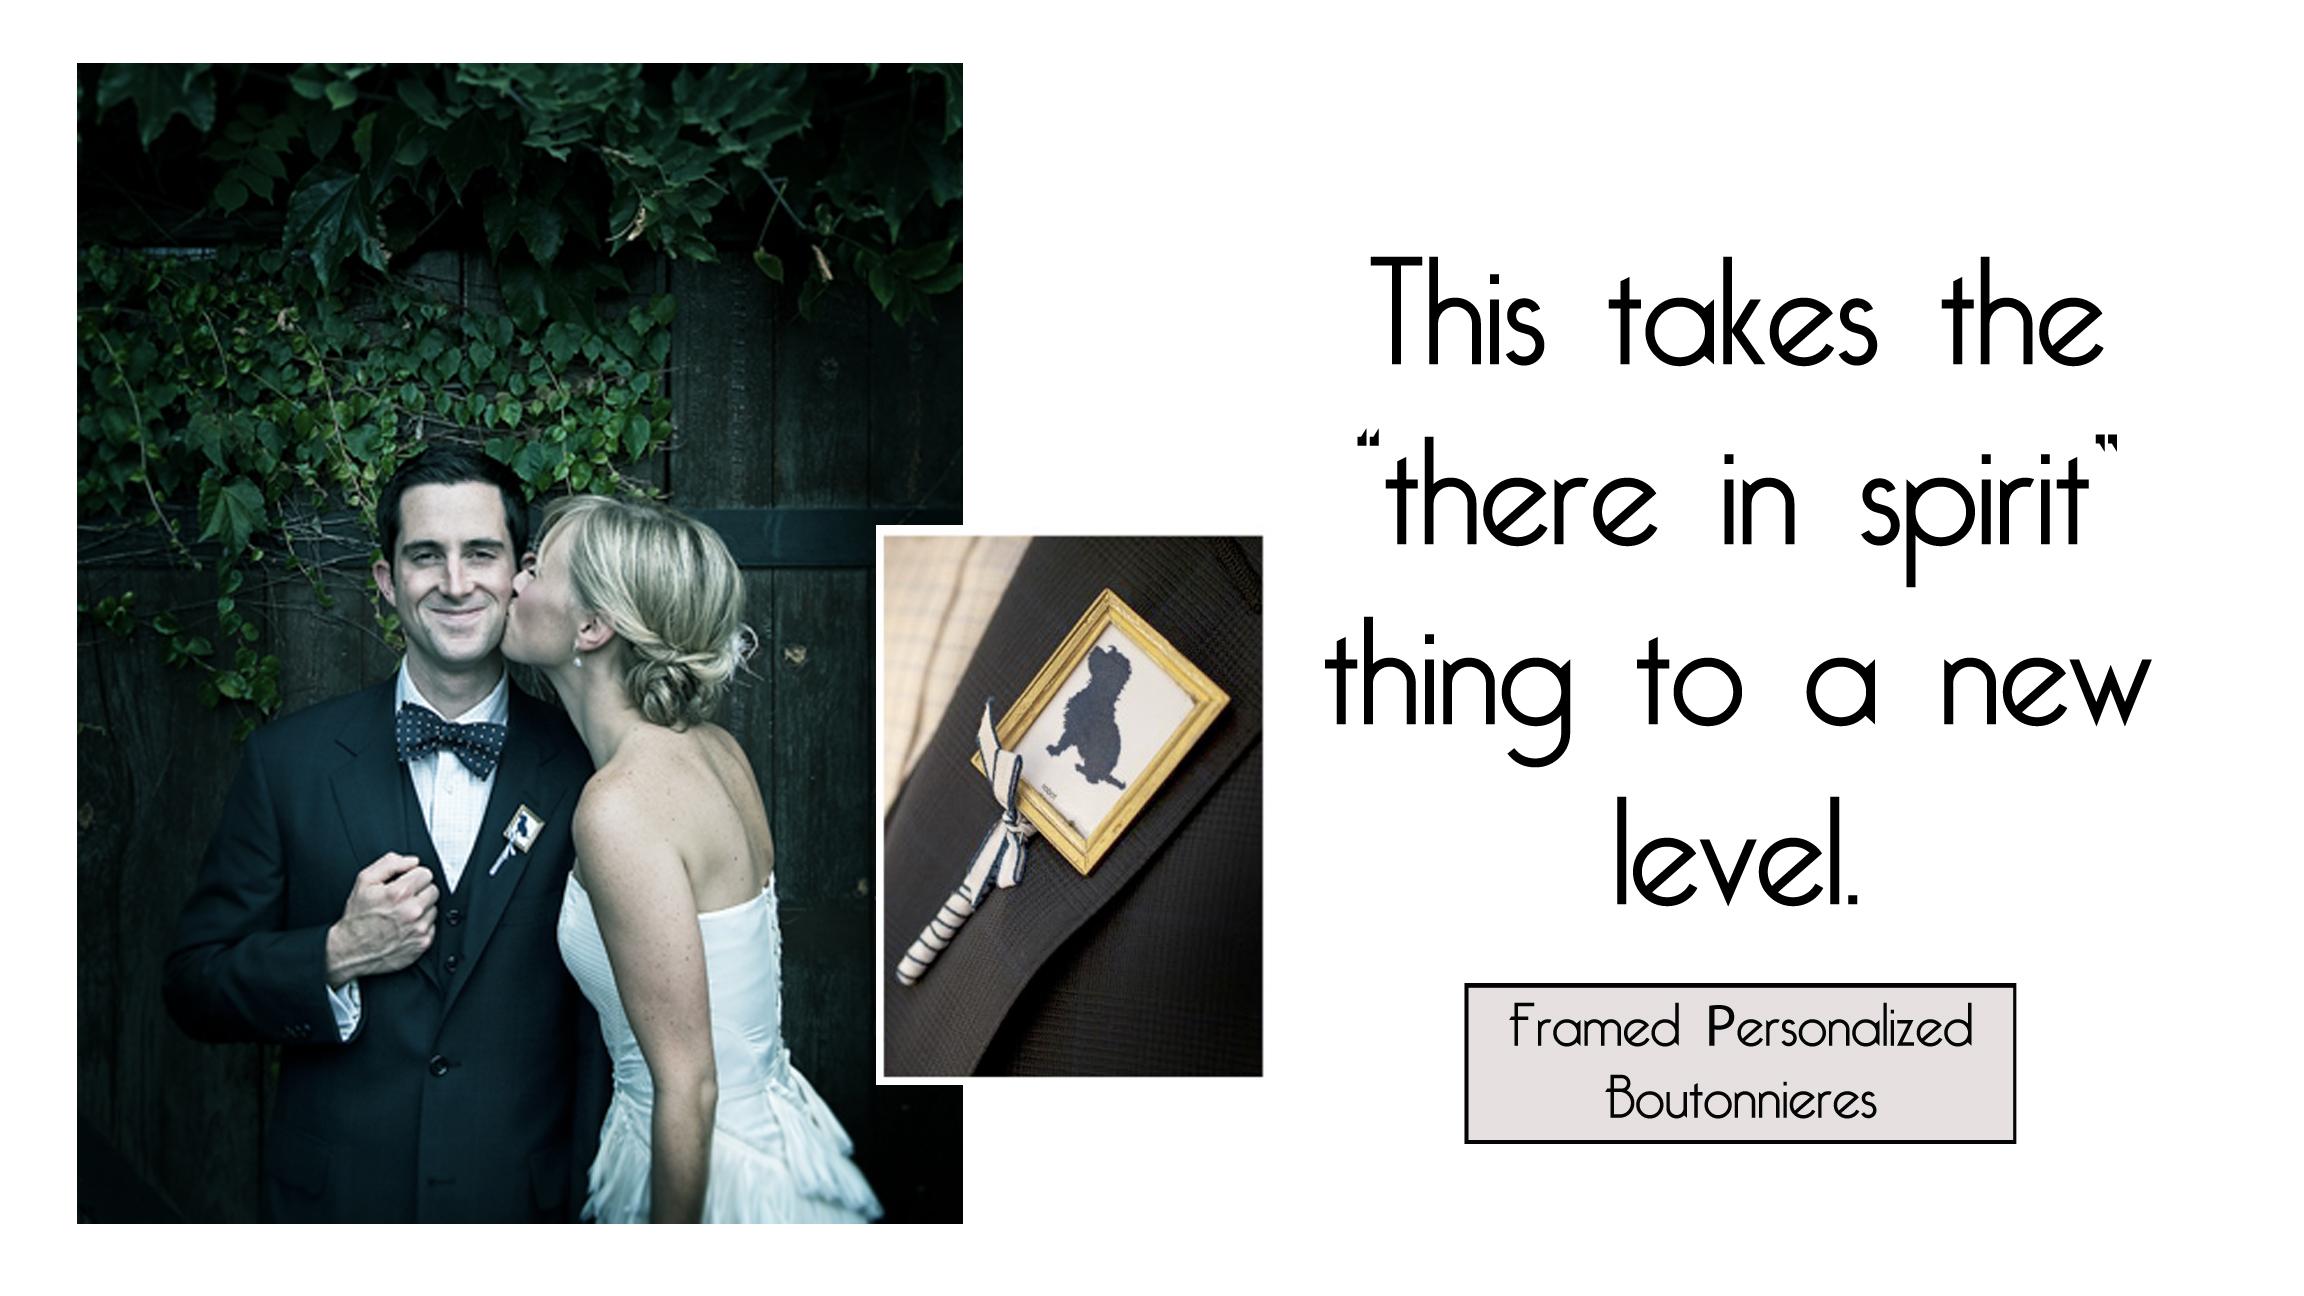 framed personal.jpg